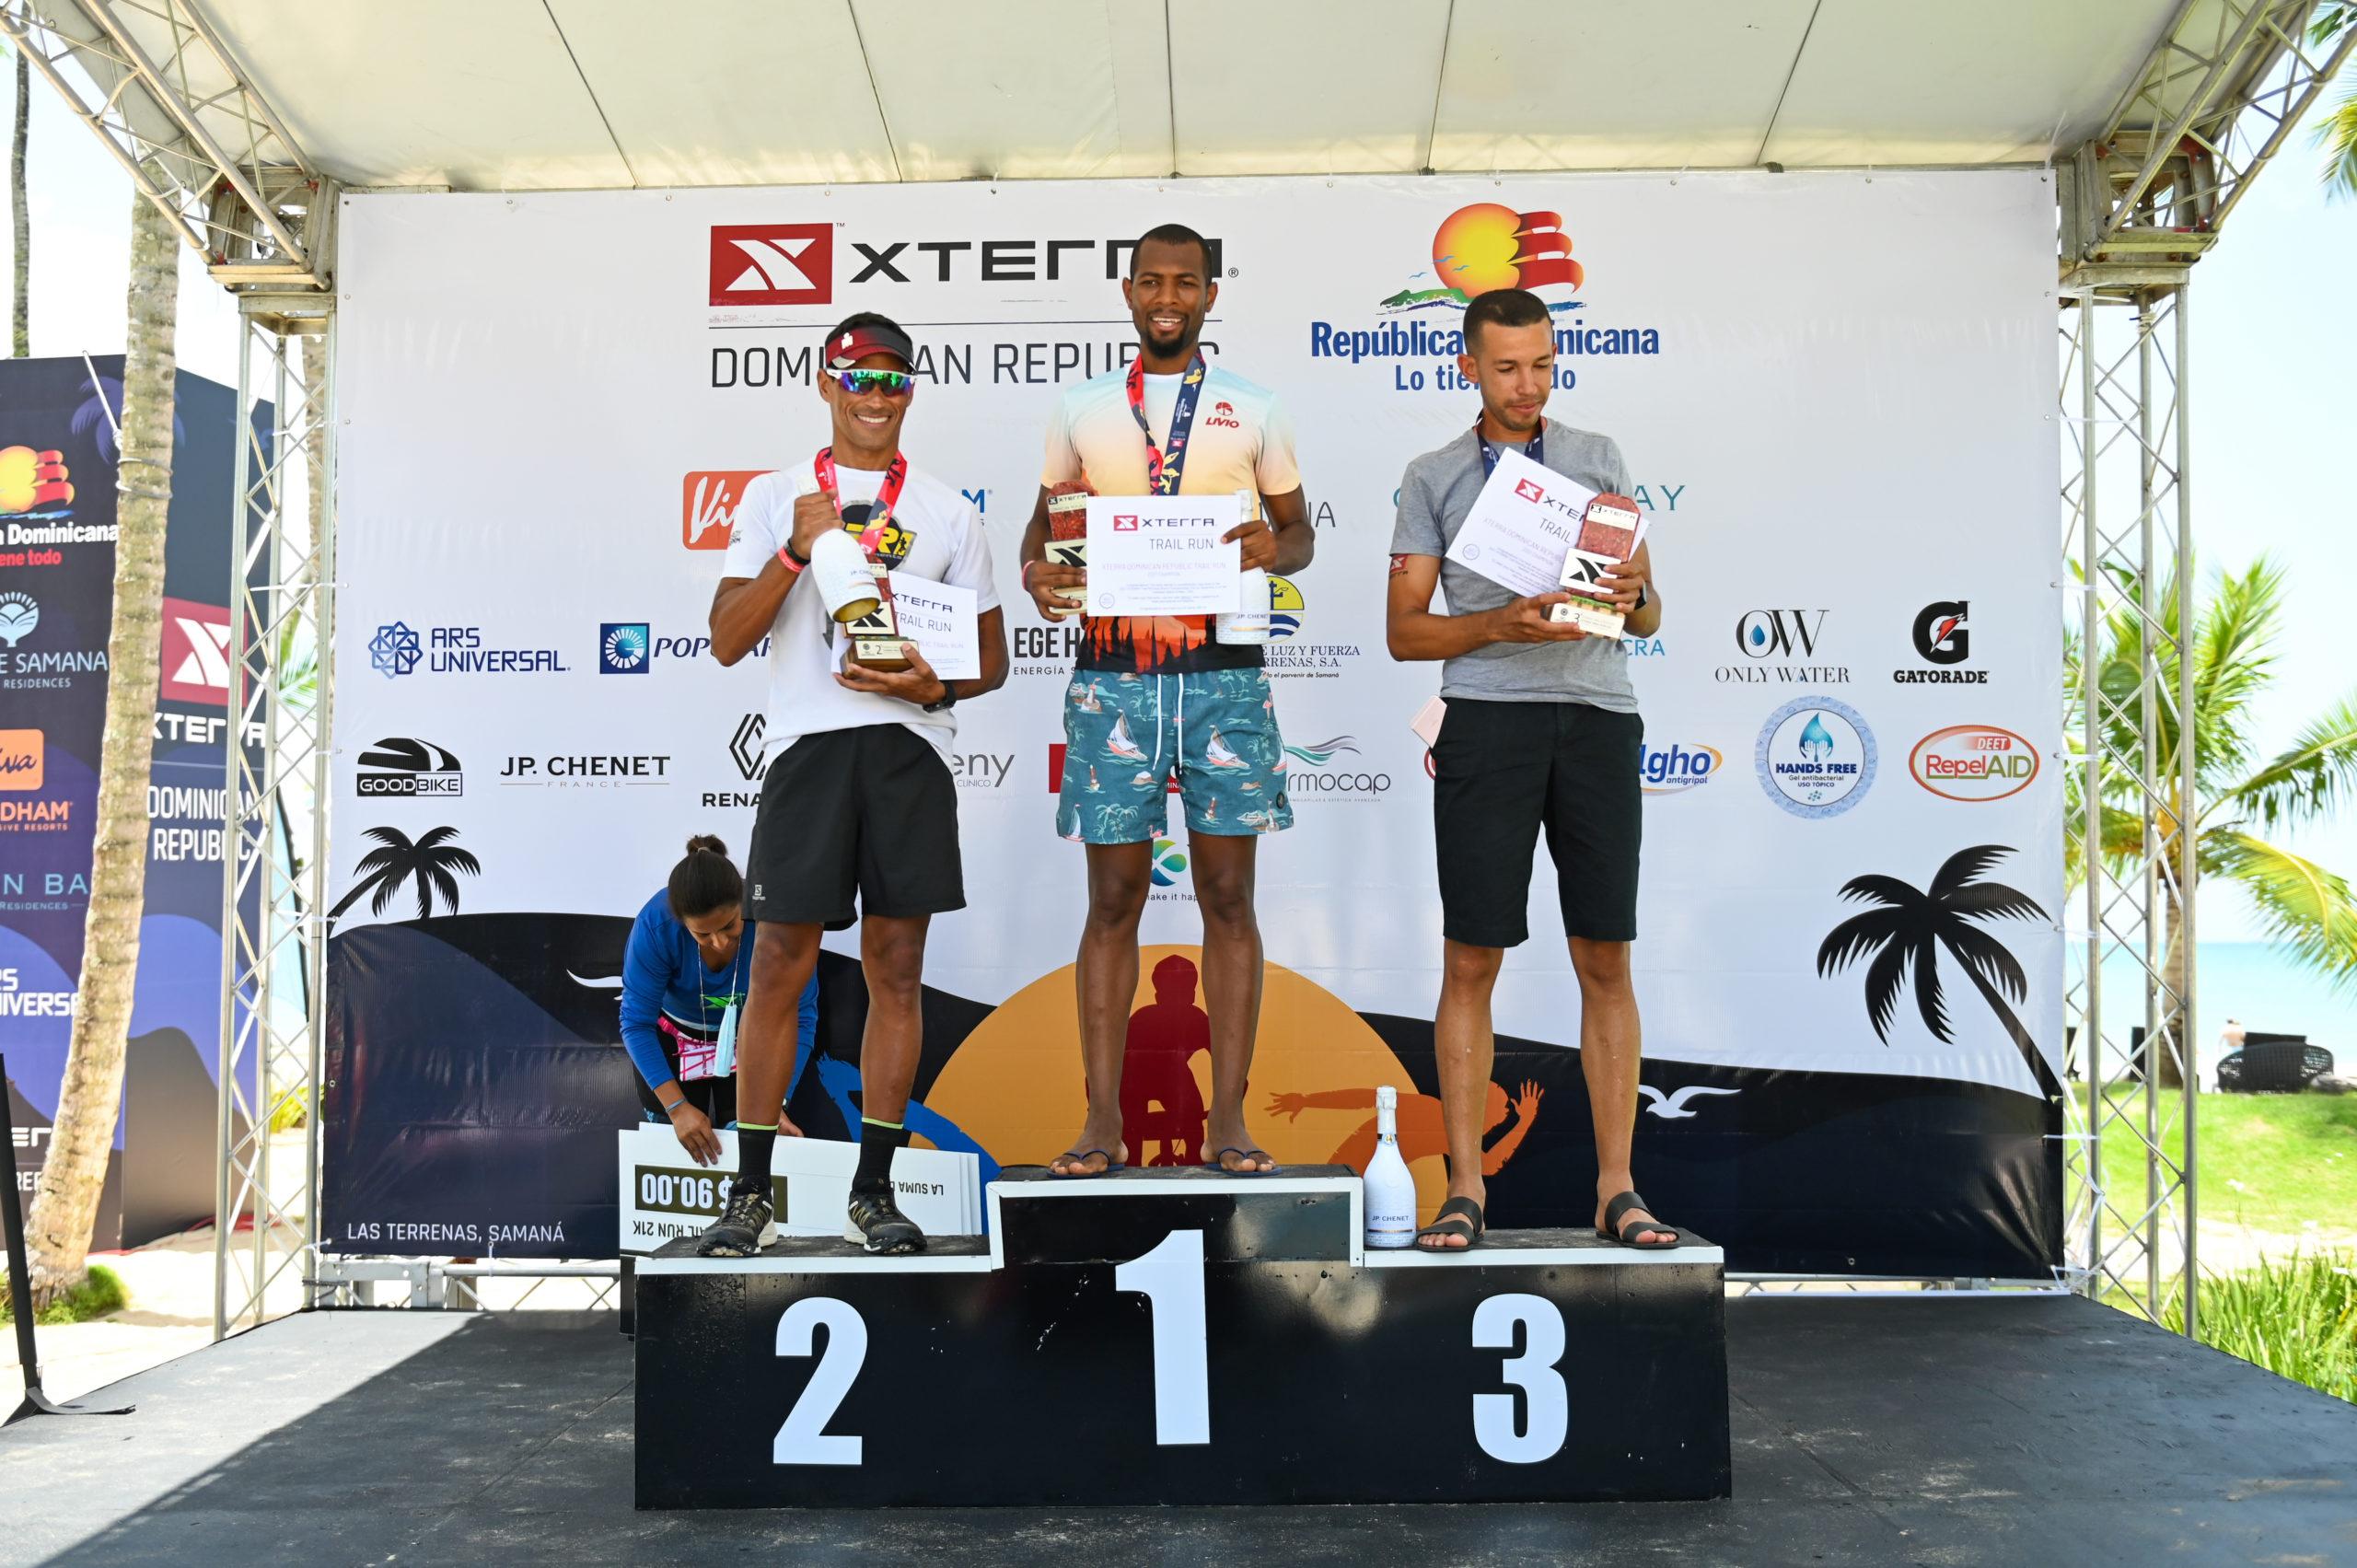 Campeones Masculinos 5ta versión Xterra República Dominicana